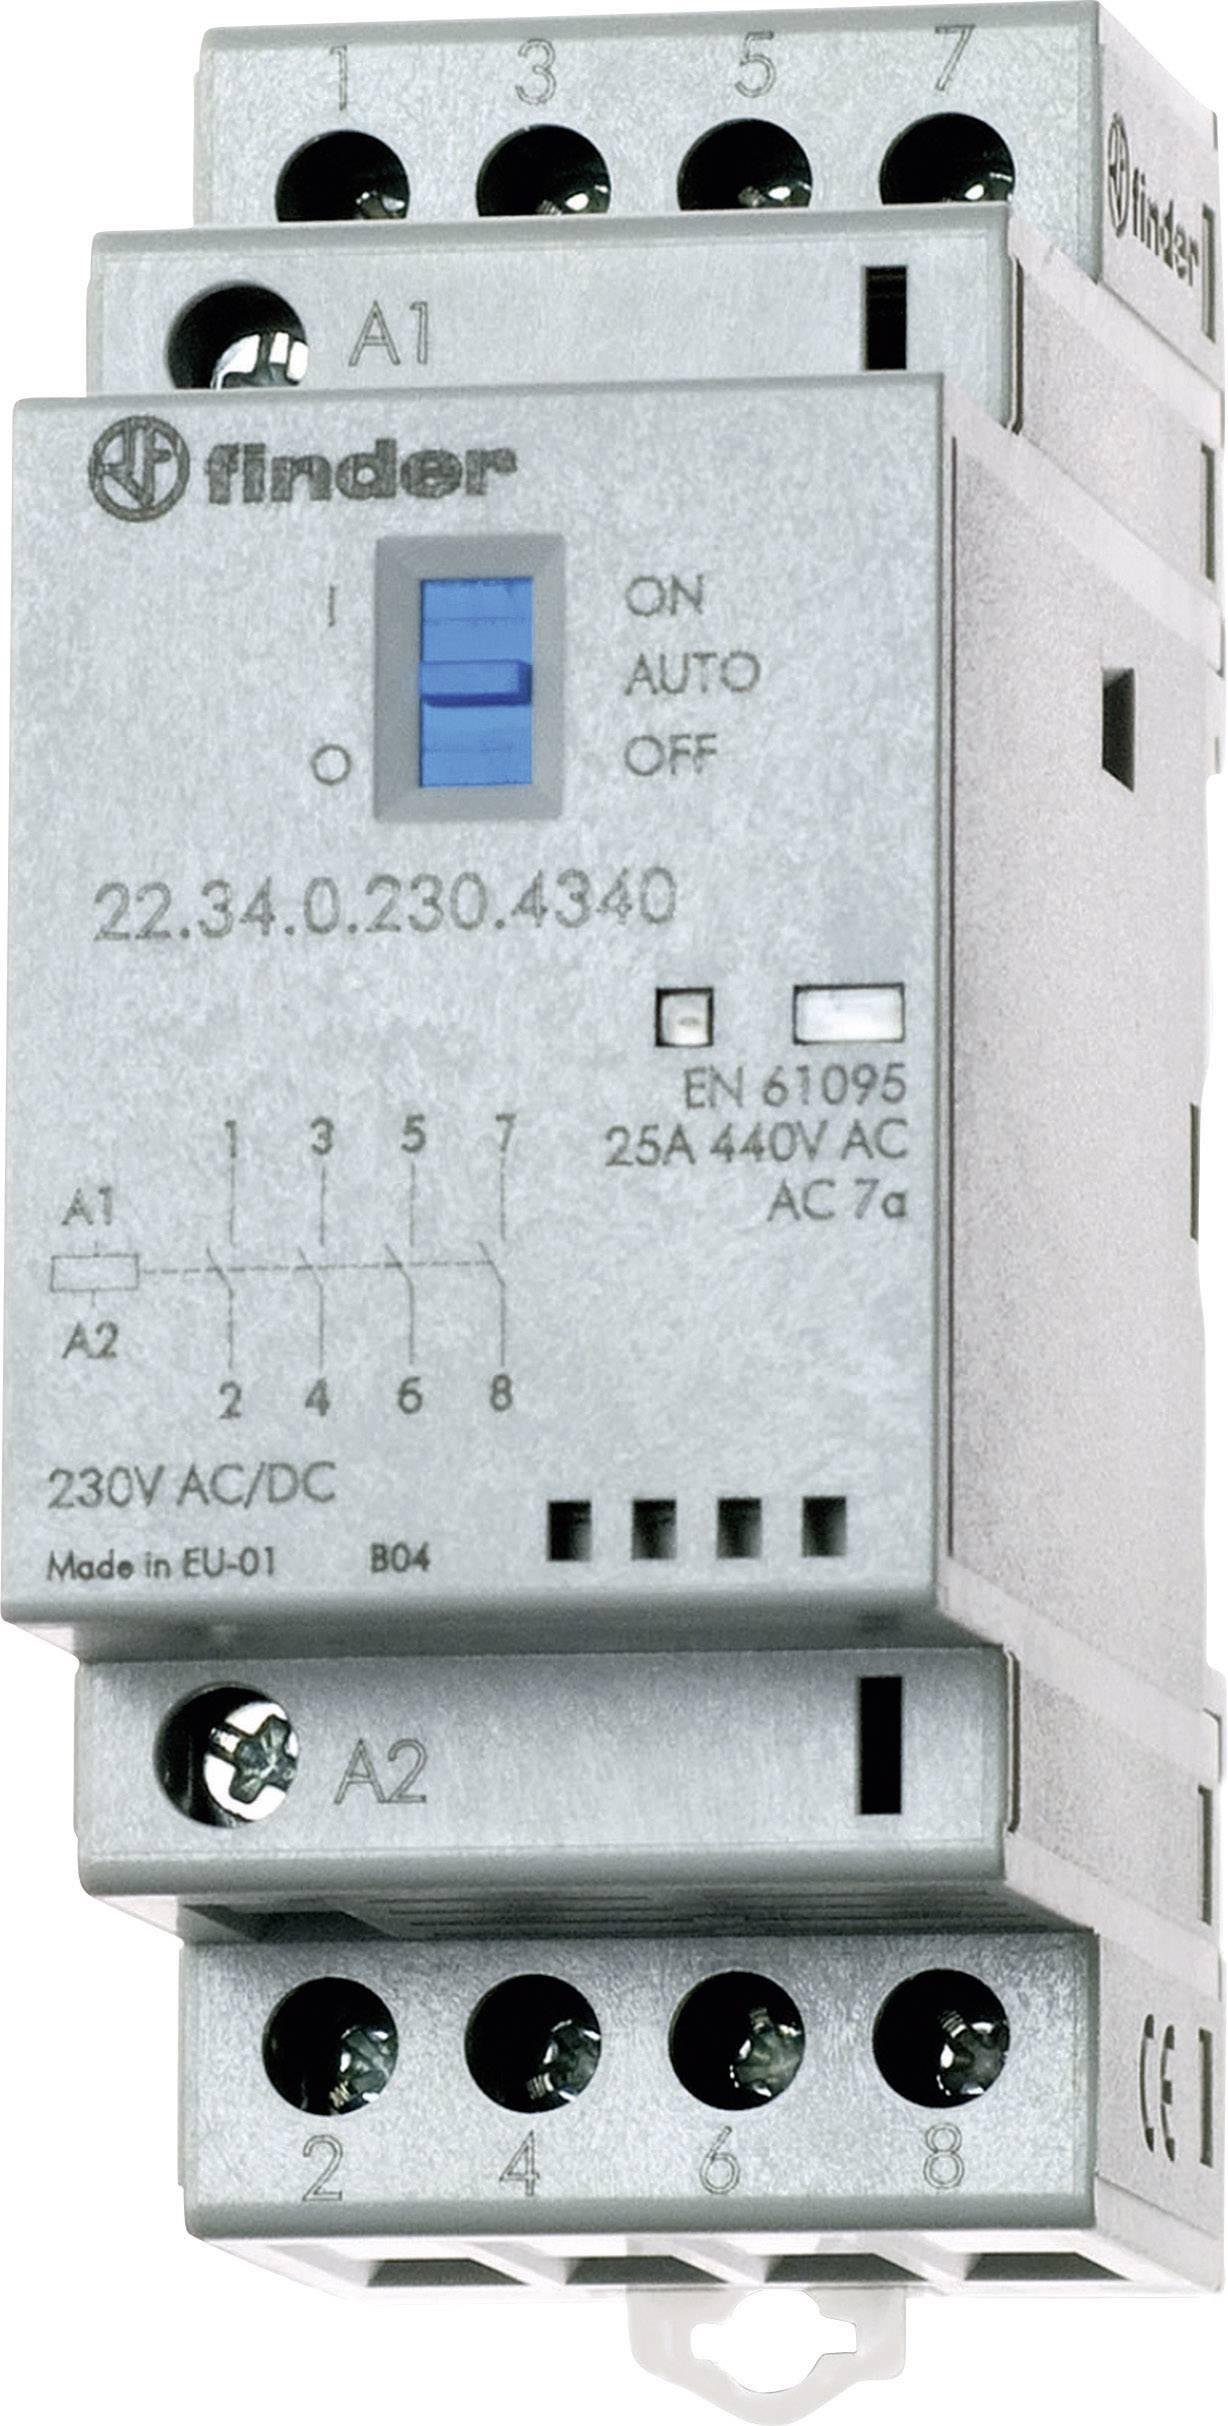 Stykač Finder 22.34.0.024.1740, 3 spínací kontakty / 1 rozpínací kontakt, 25 A, 1 ks